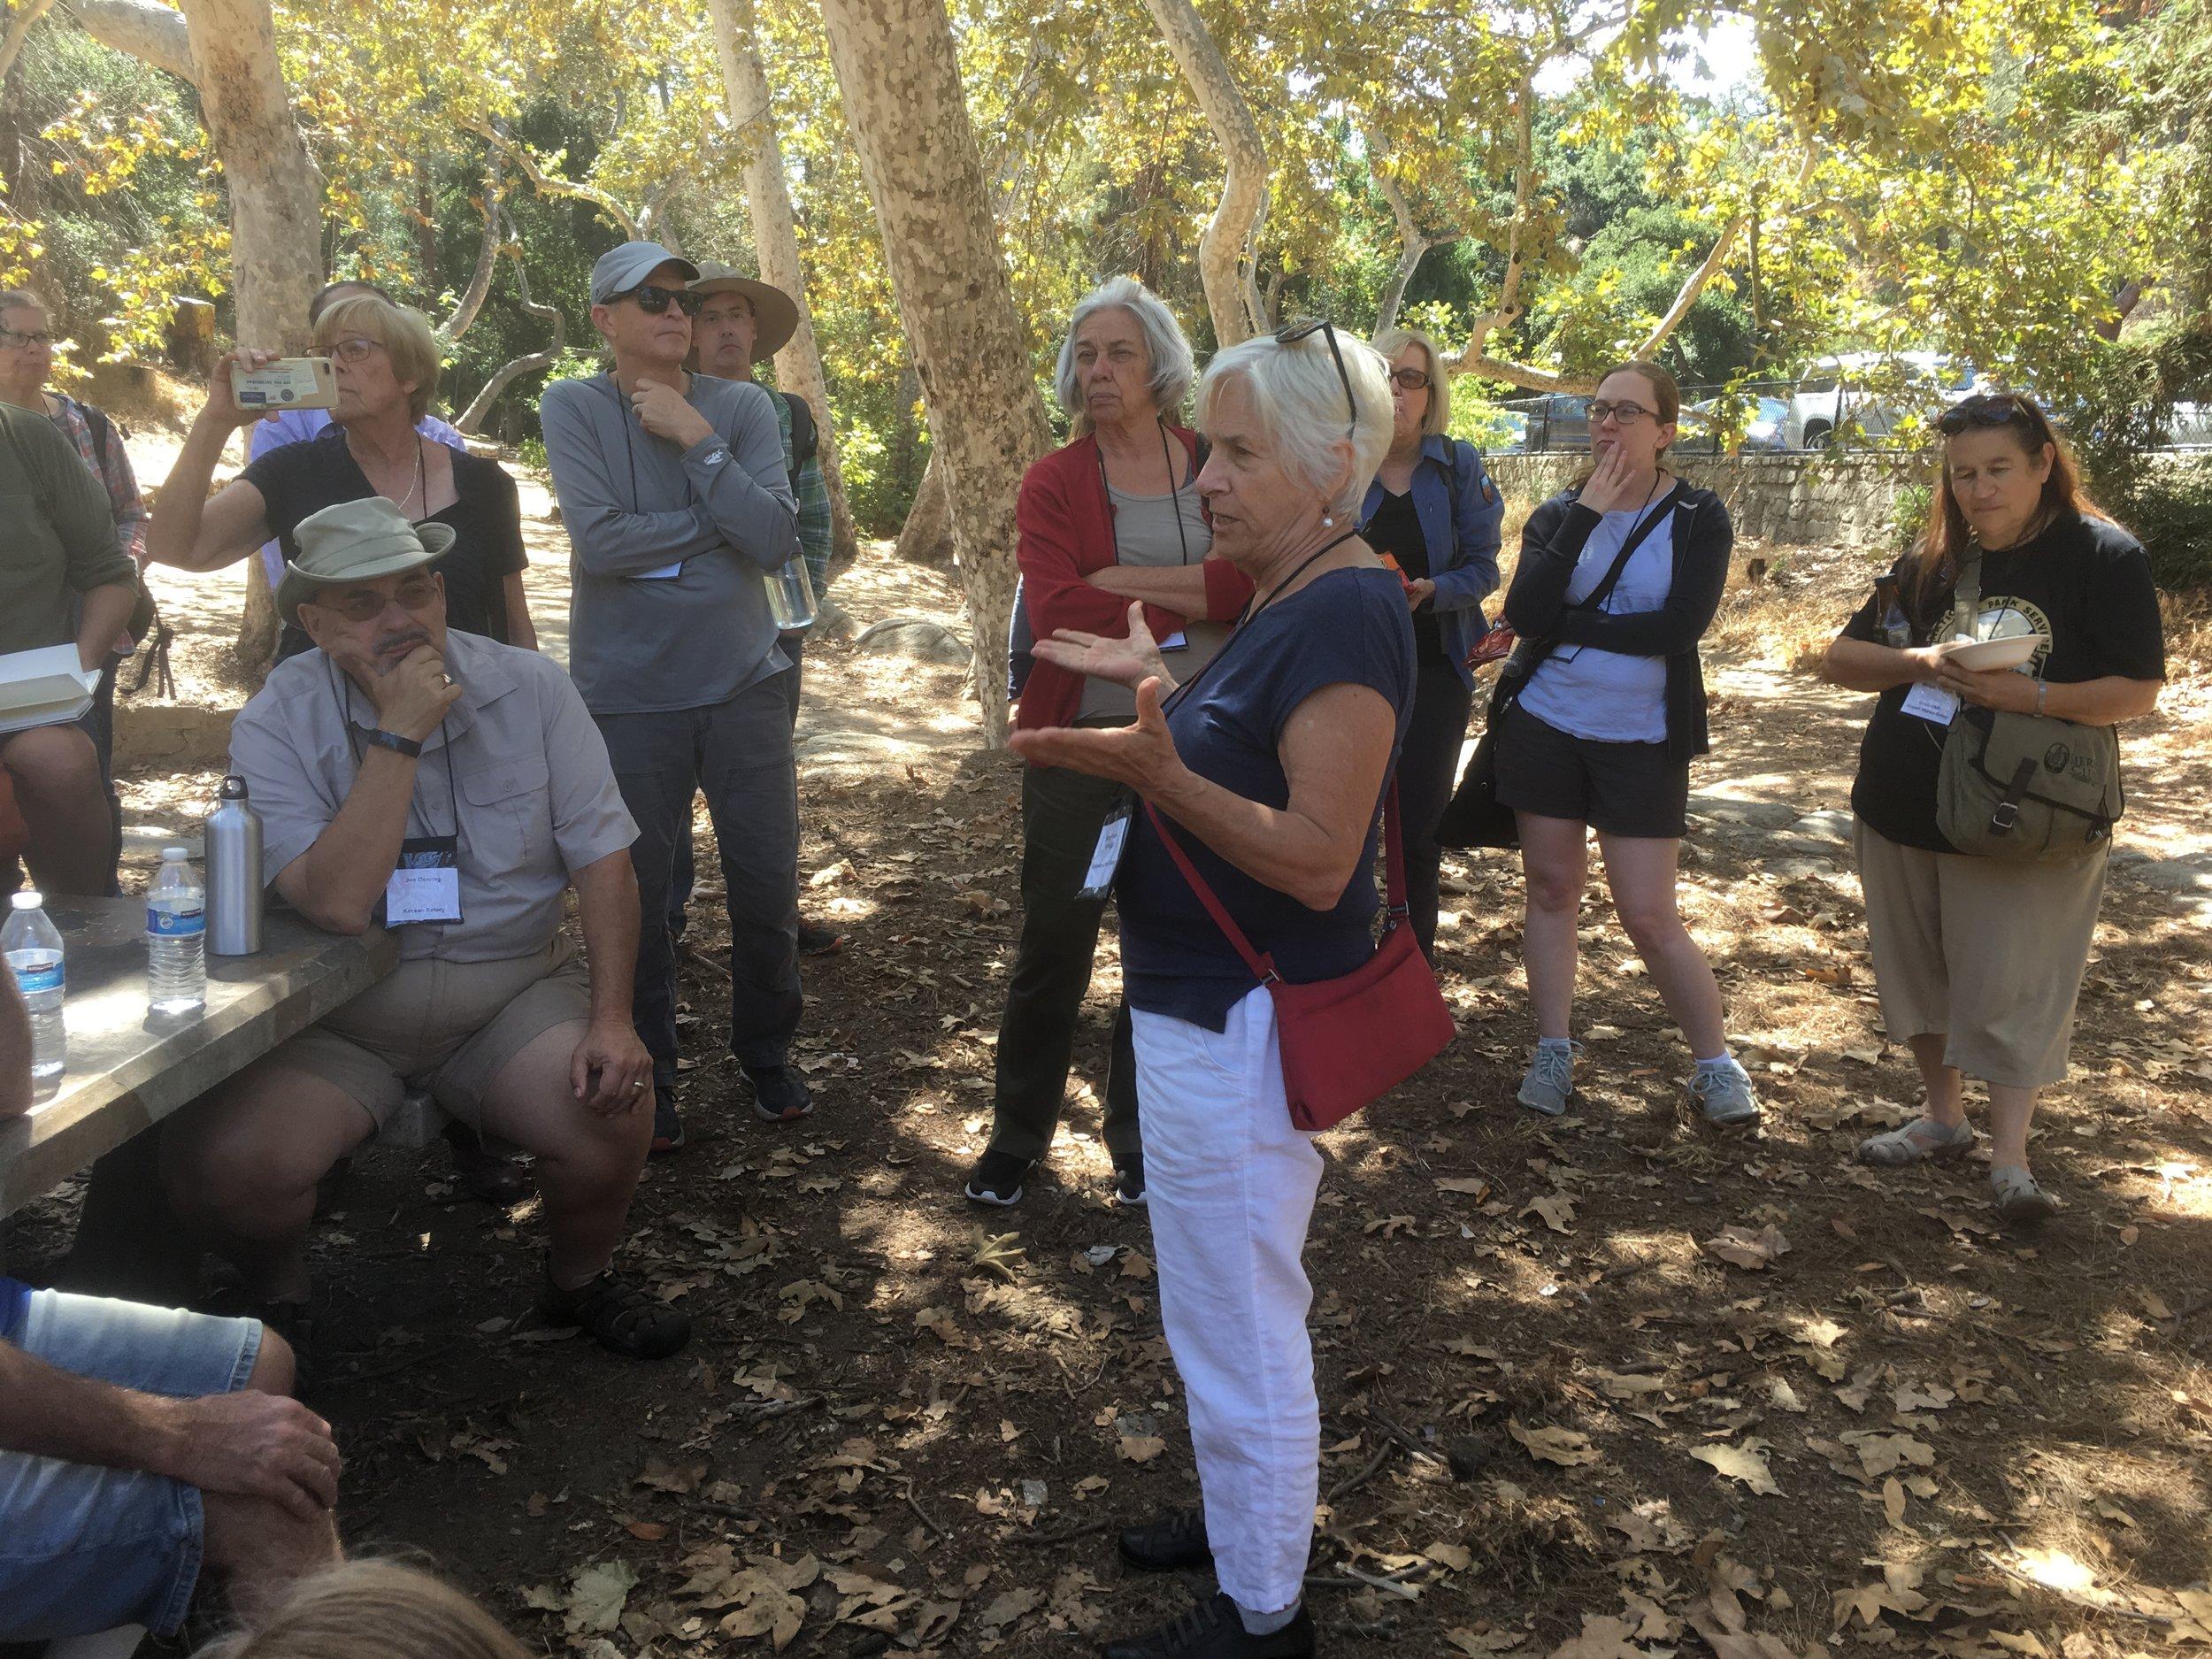 Betsy Damon gives a tour of LA's Ballona Creek